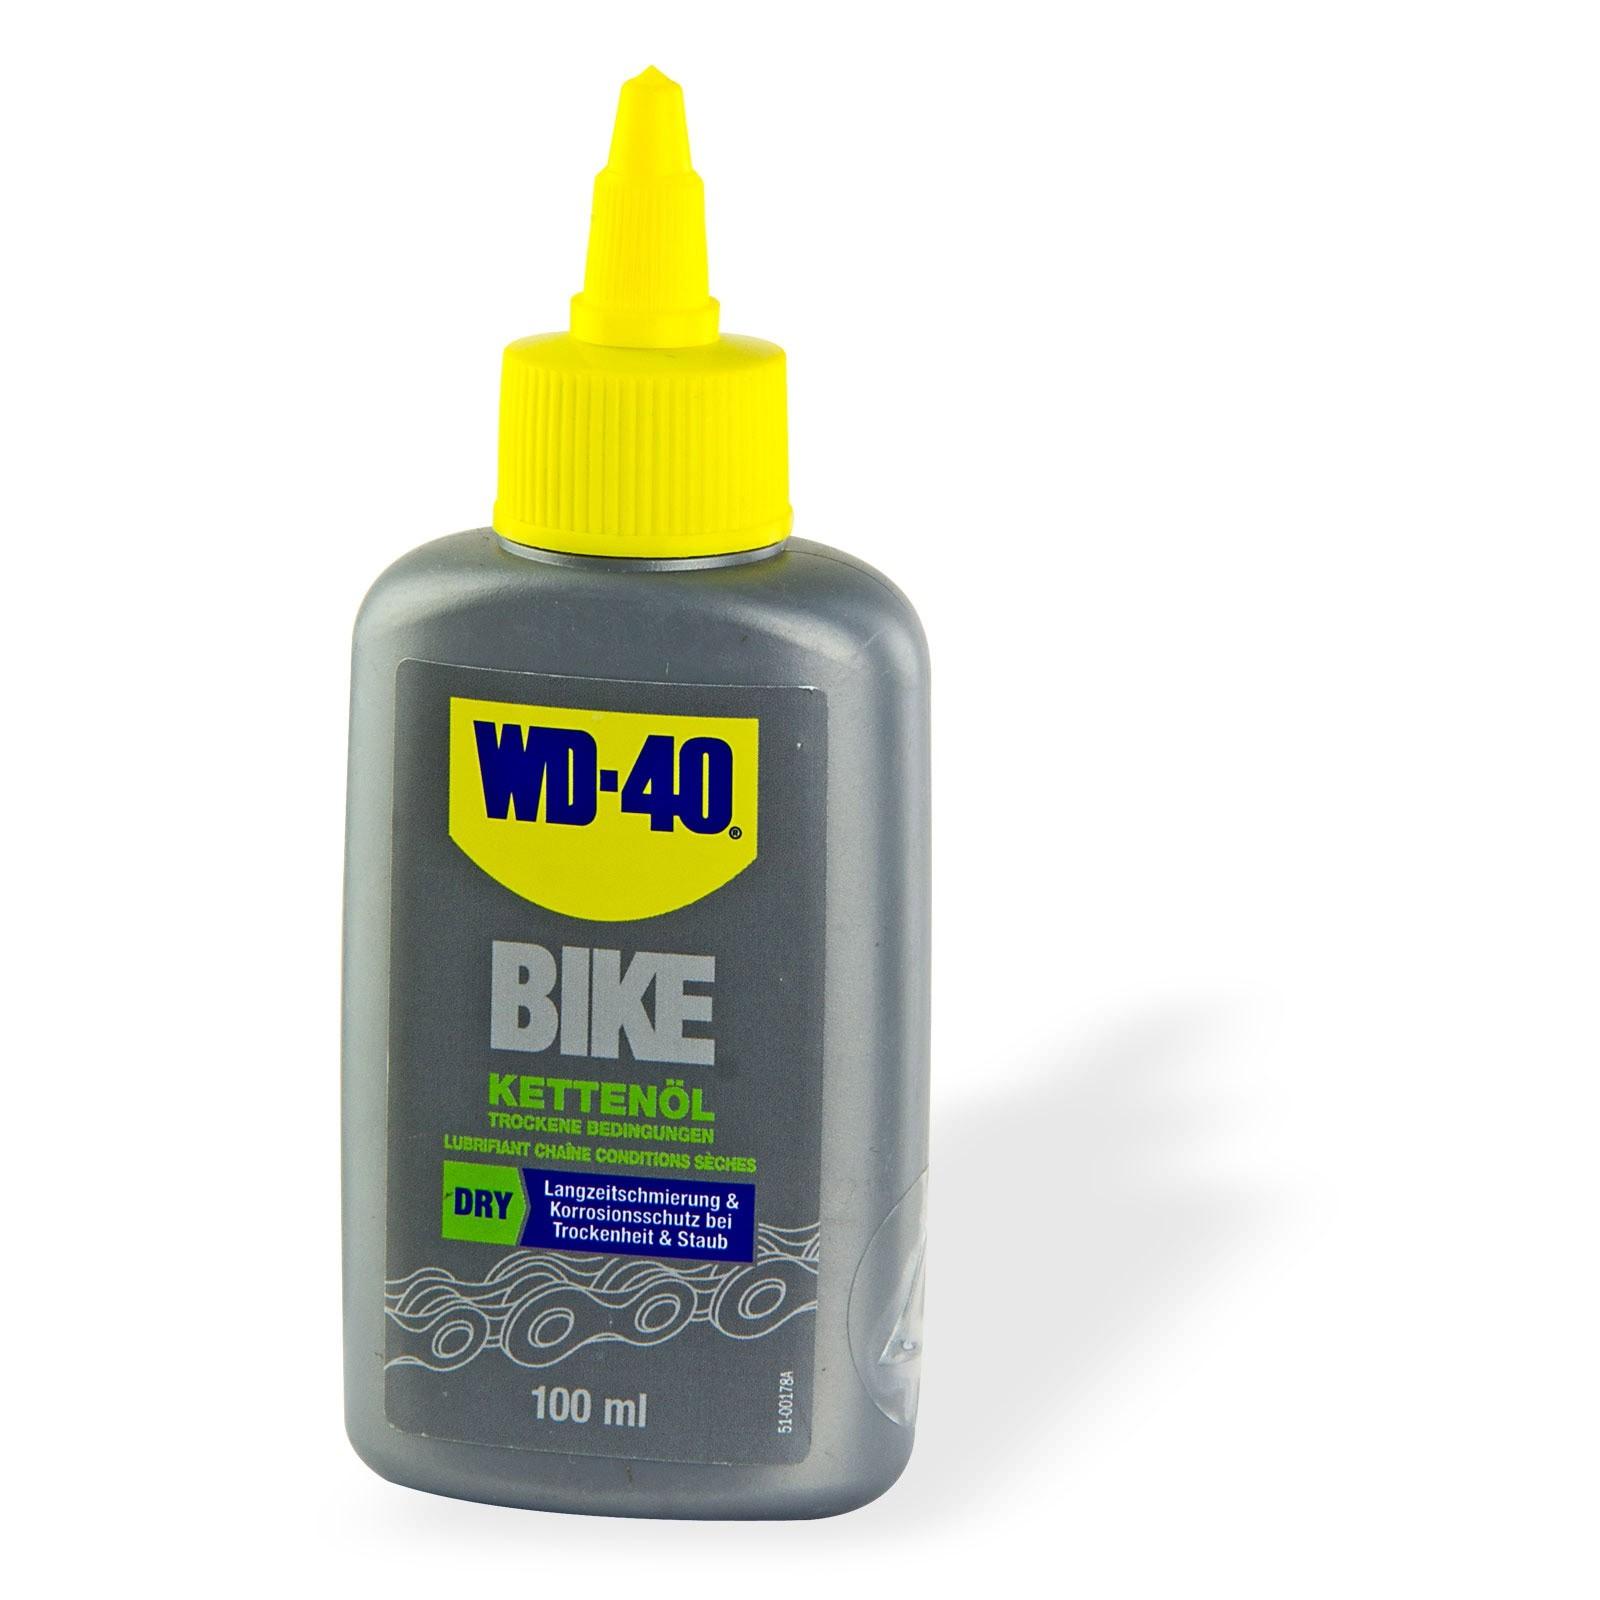 WD-40 Bike Fahrrad Kettenöl Trocken 100ml